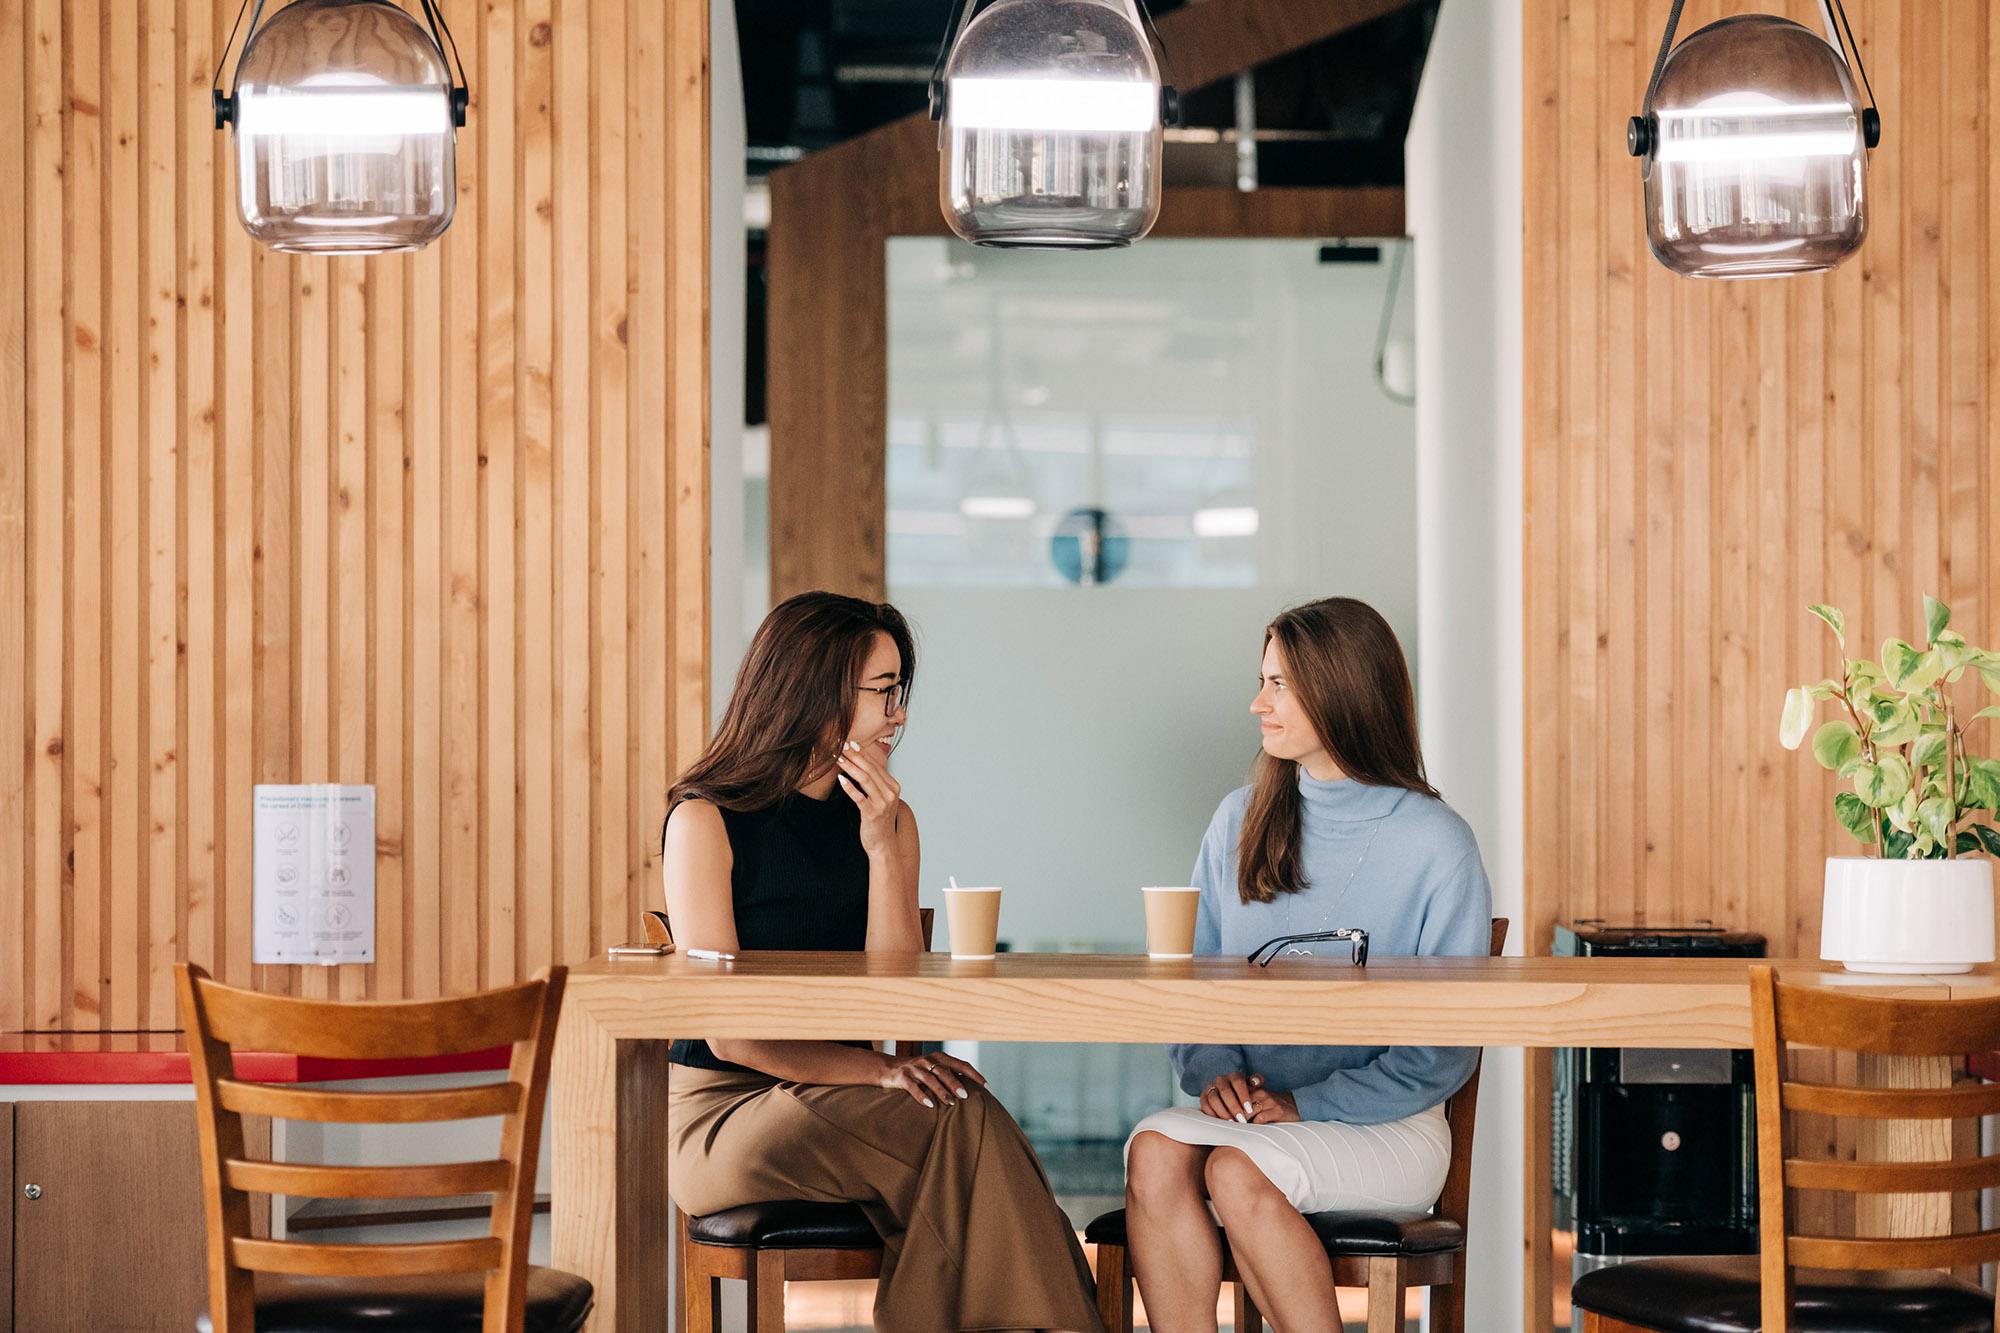 Hiệu ứng tắc kè hoa xảy ra khi hai cô gái nói chuyện với nhau